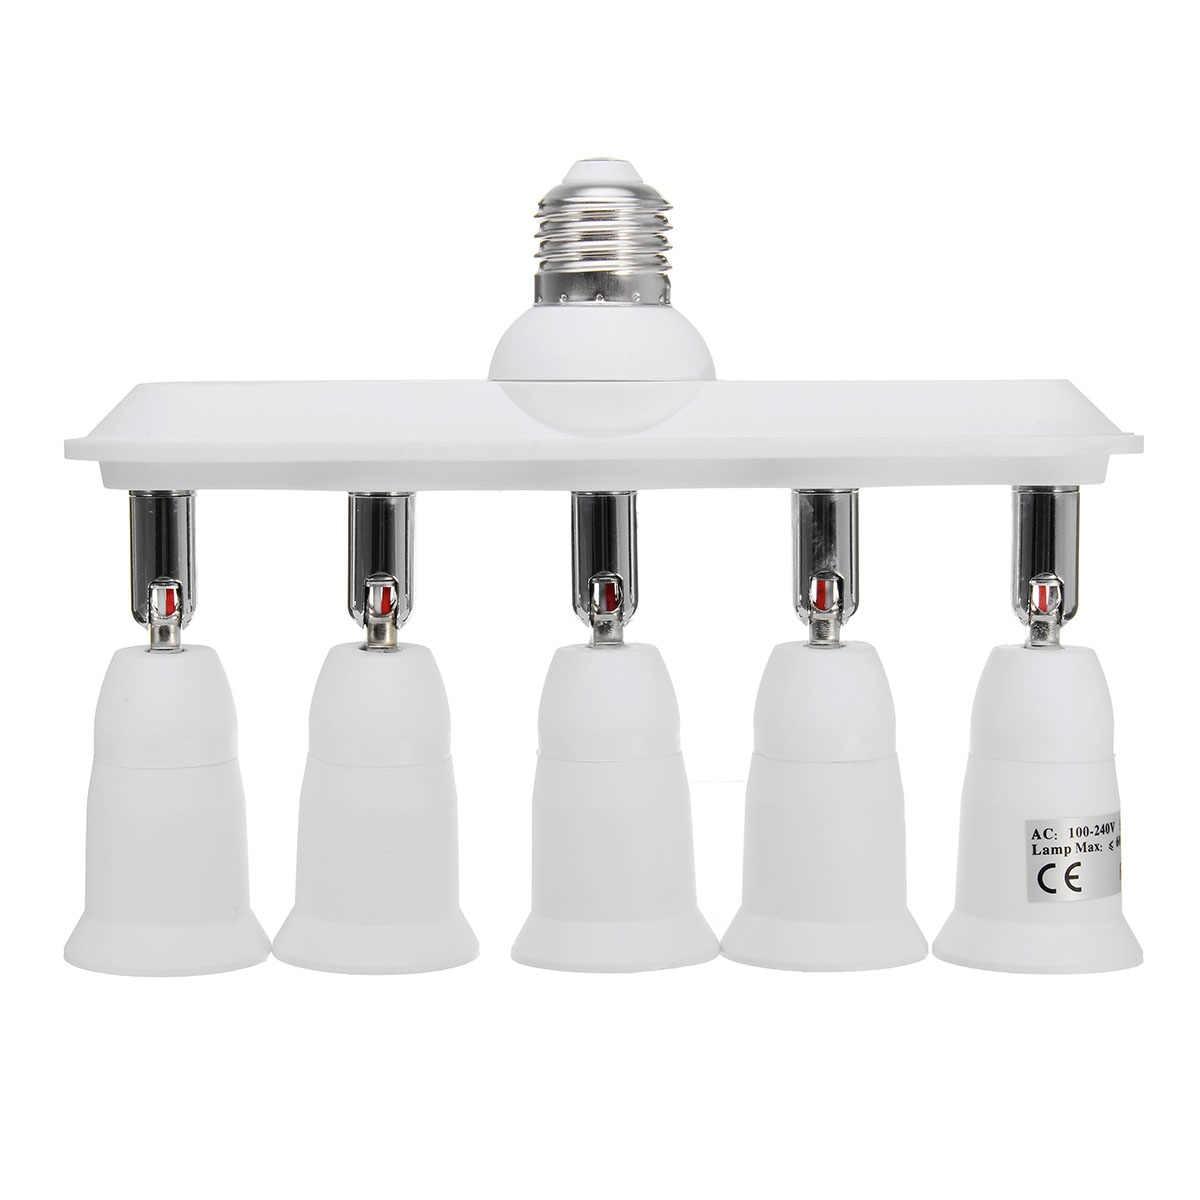 CLAITE E27 to 5 E27 360° Adjustable Lampholder Bulb Socket Adapter Splitter AC110-230V Lamp Base New